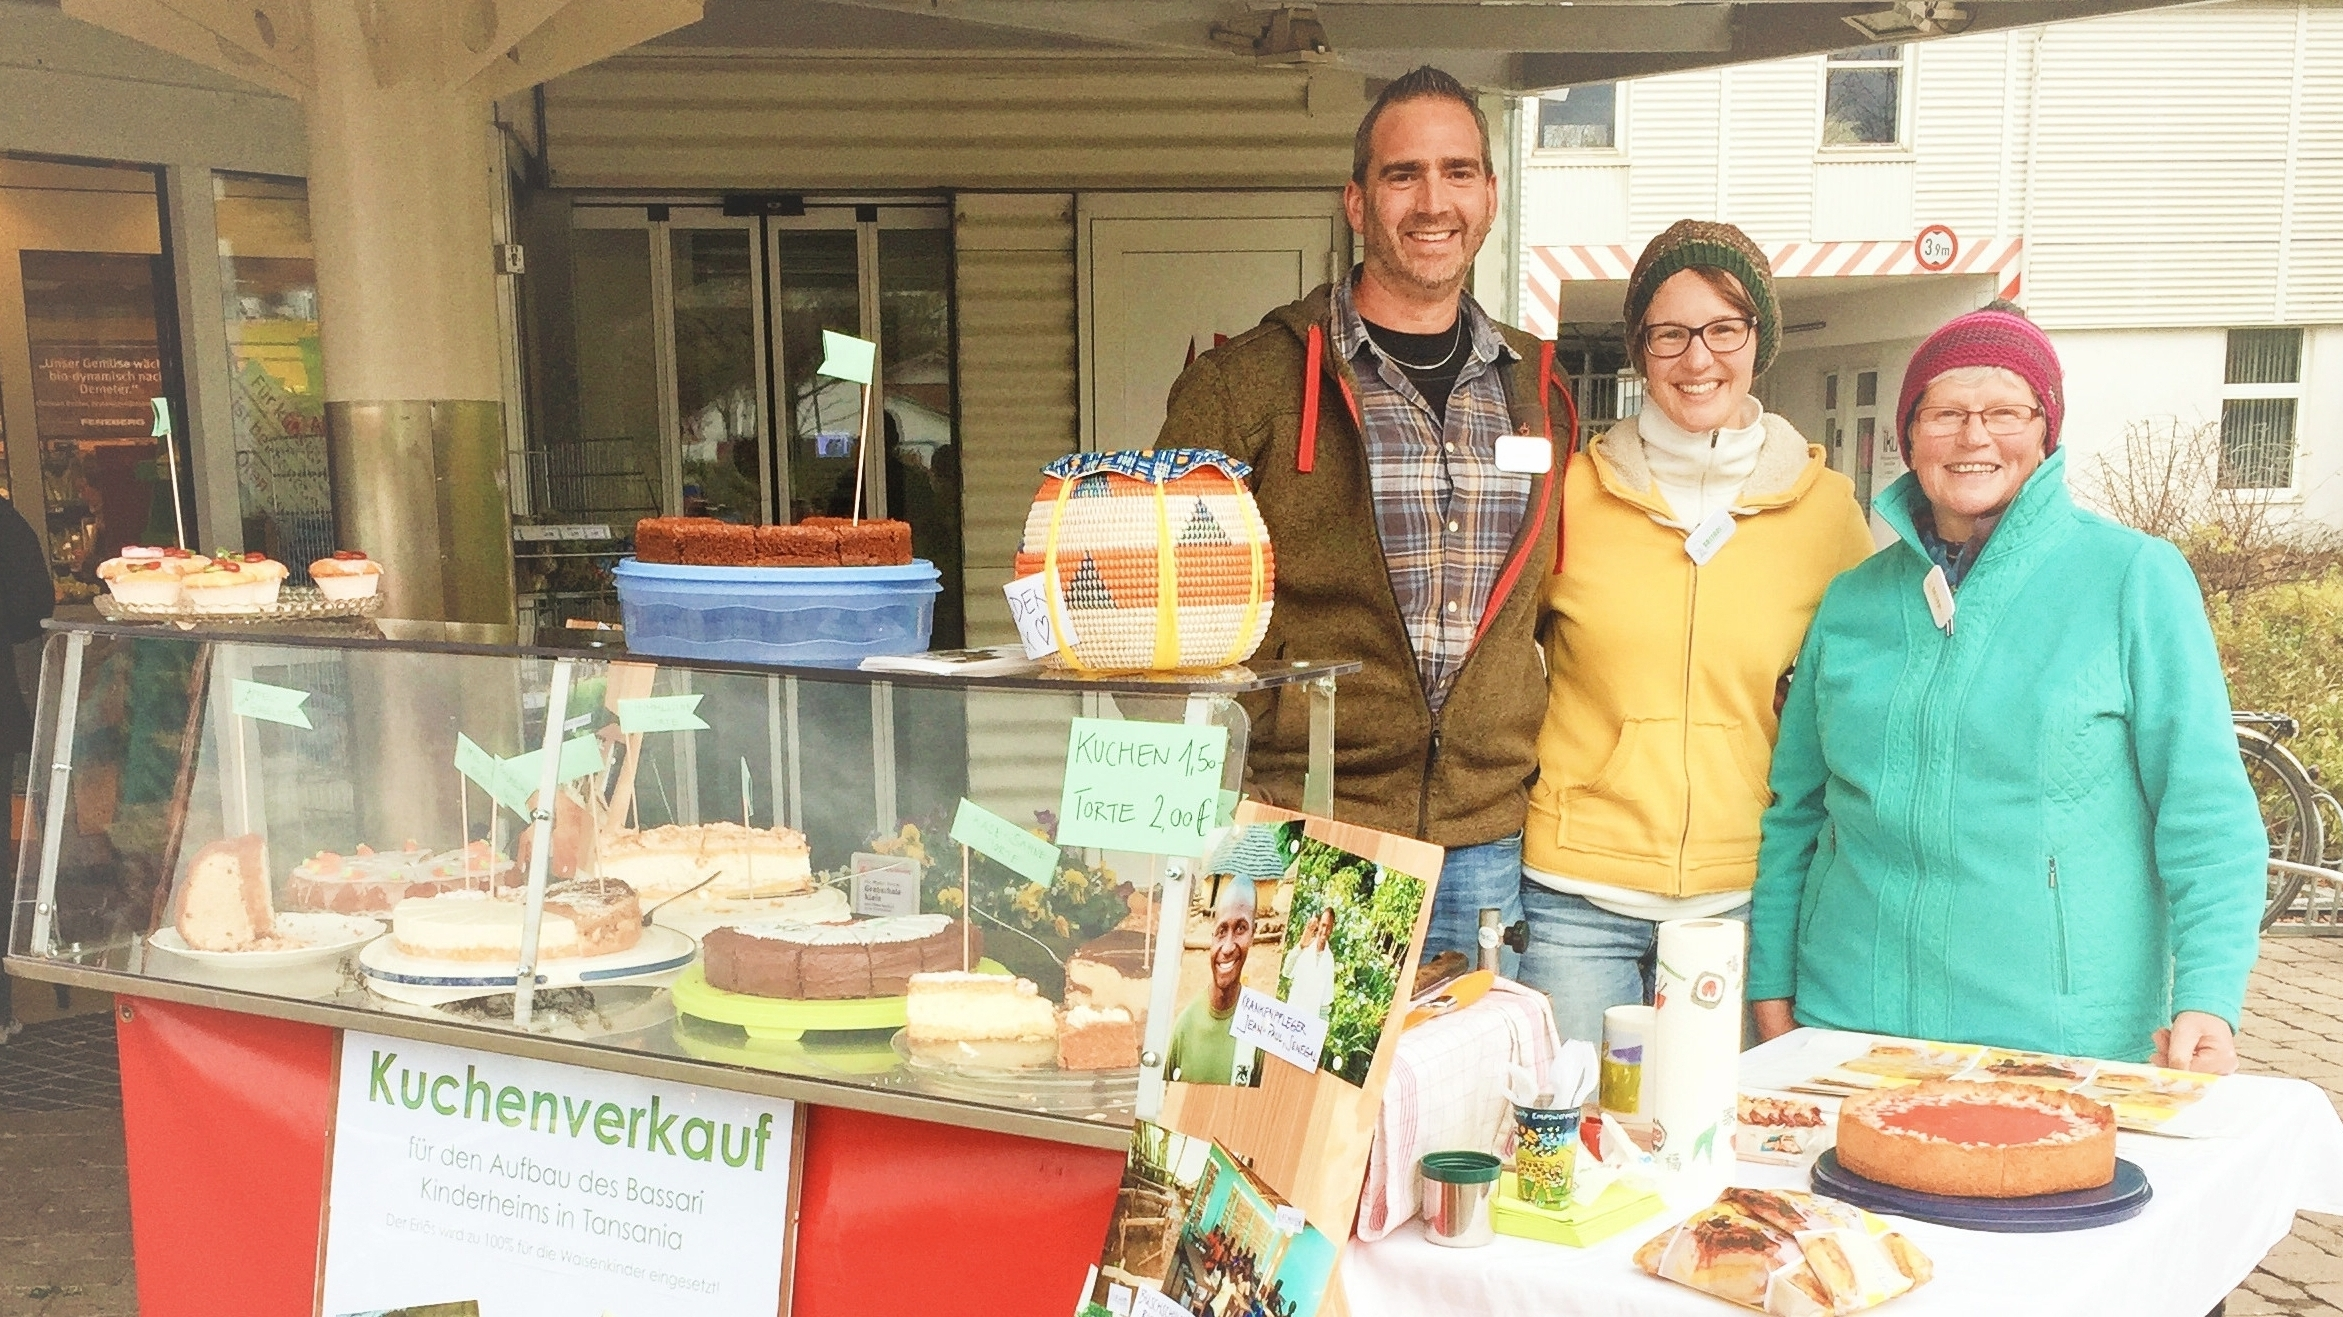 Kuchenverkauf in Kempten mit Peter, Yvonne und Martha